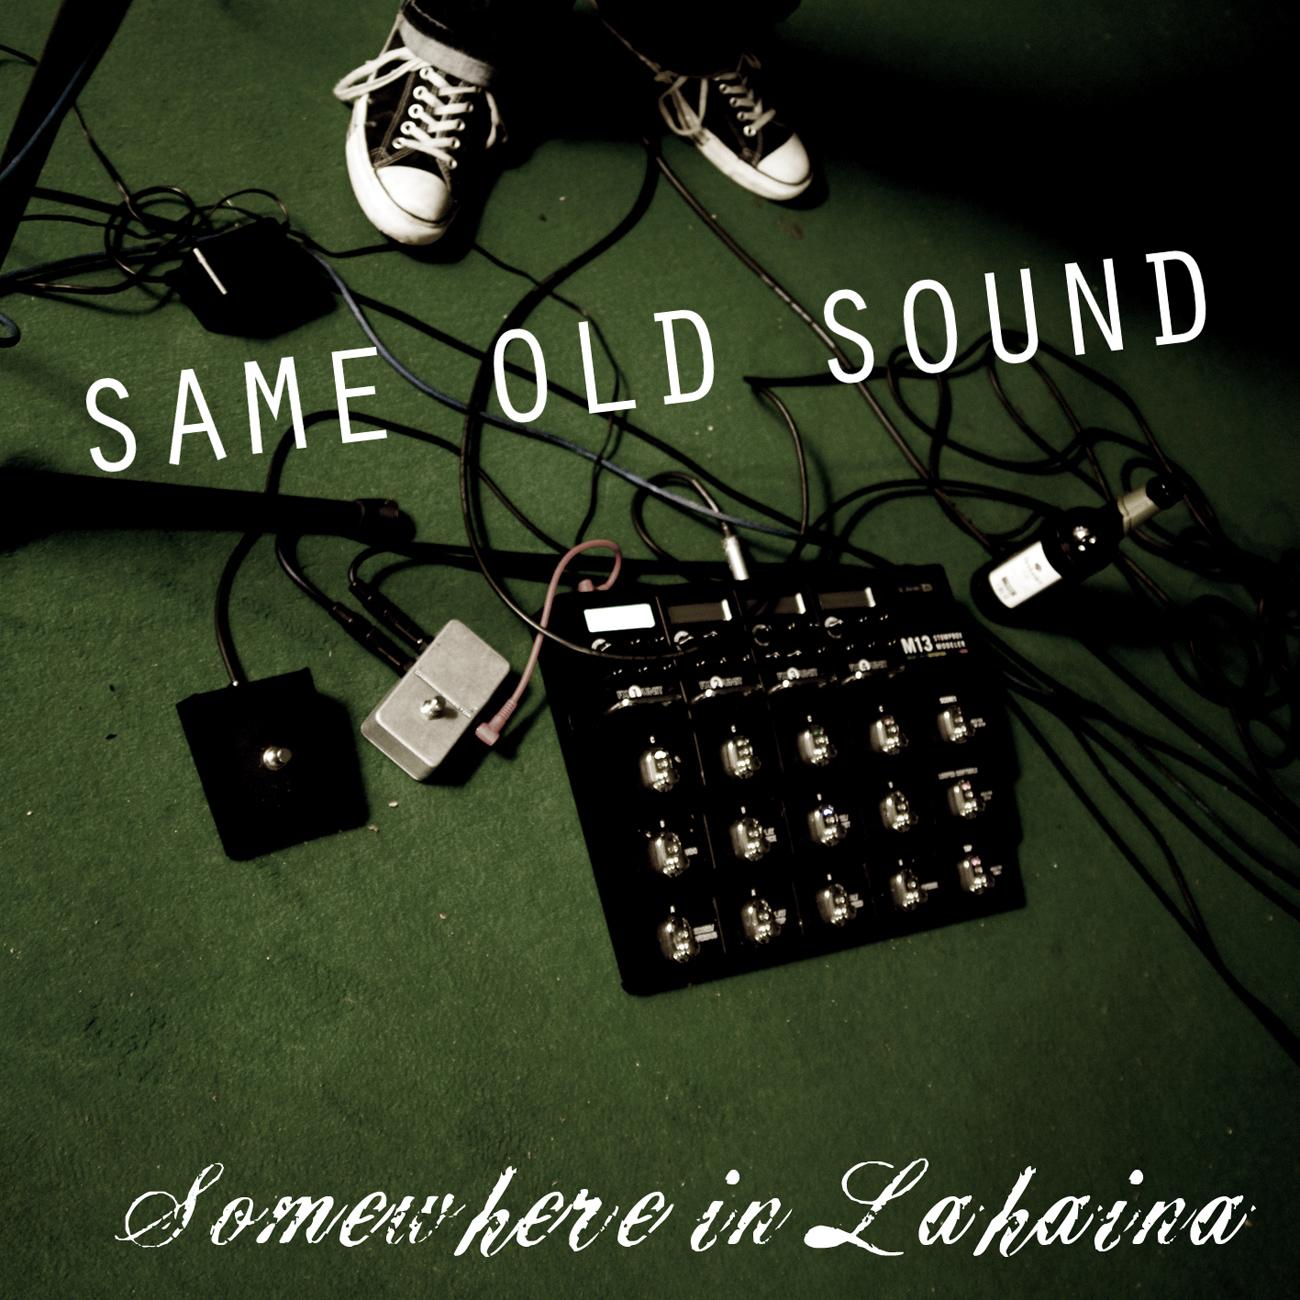 Same Old Sound (2009)